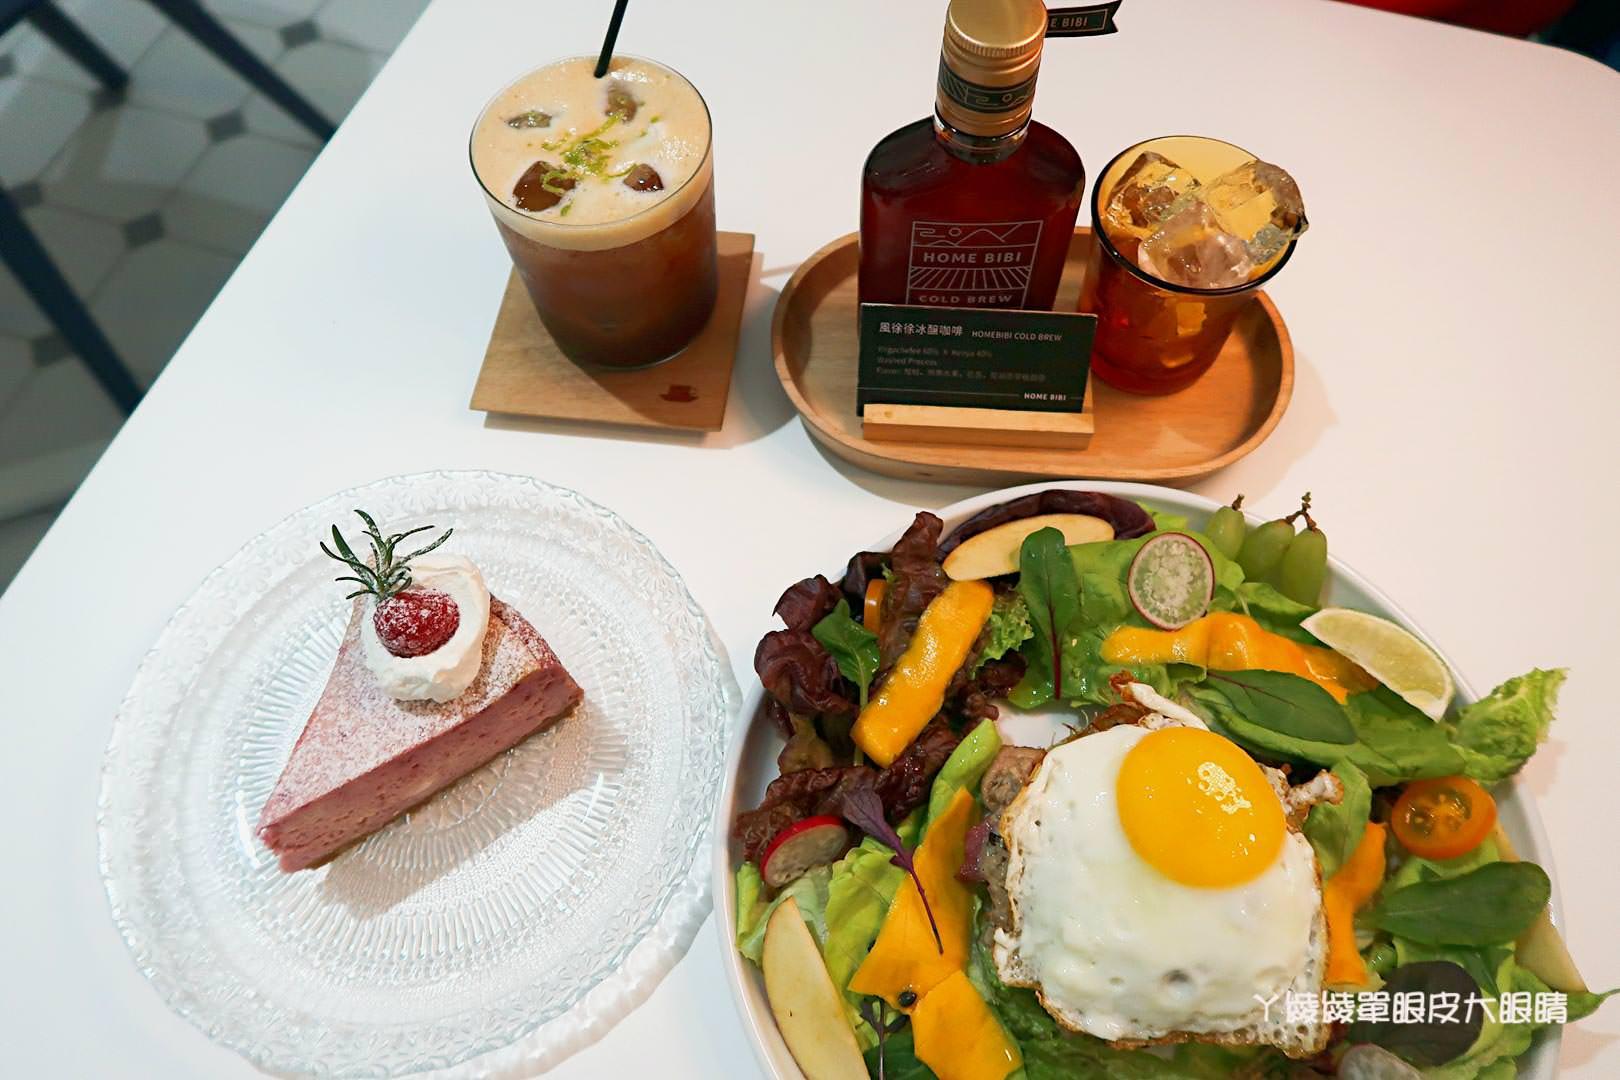 新竹甜點|巨城附近不限時咖啡店《風徐徐》,結合新竹在地文化的創意餐點